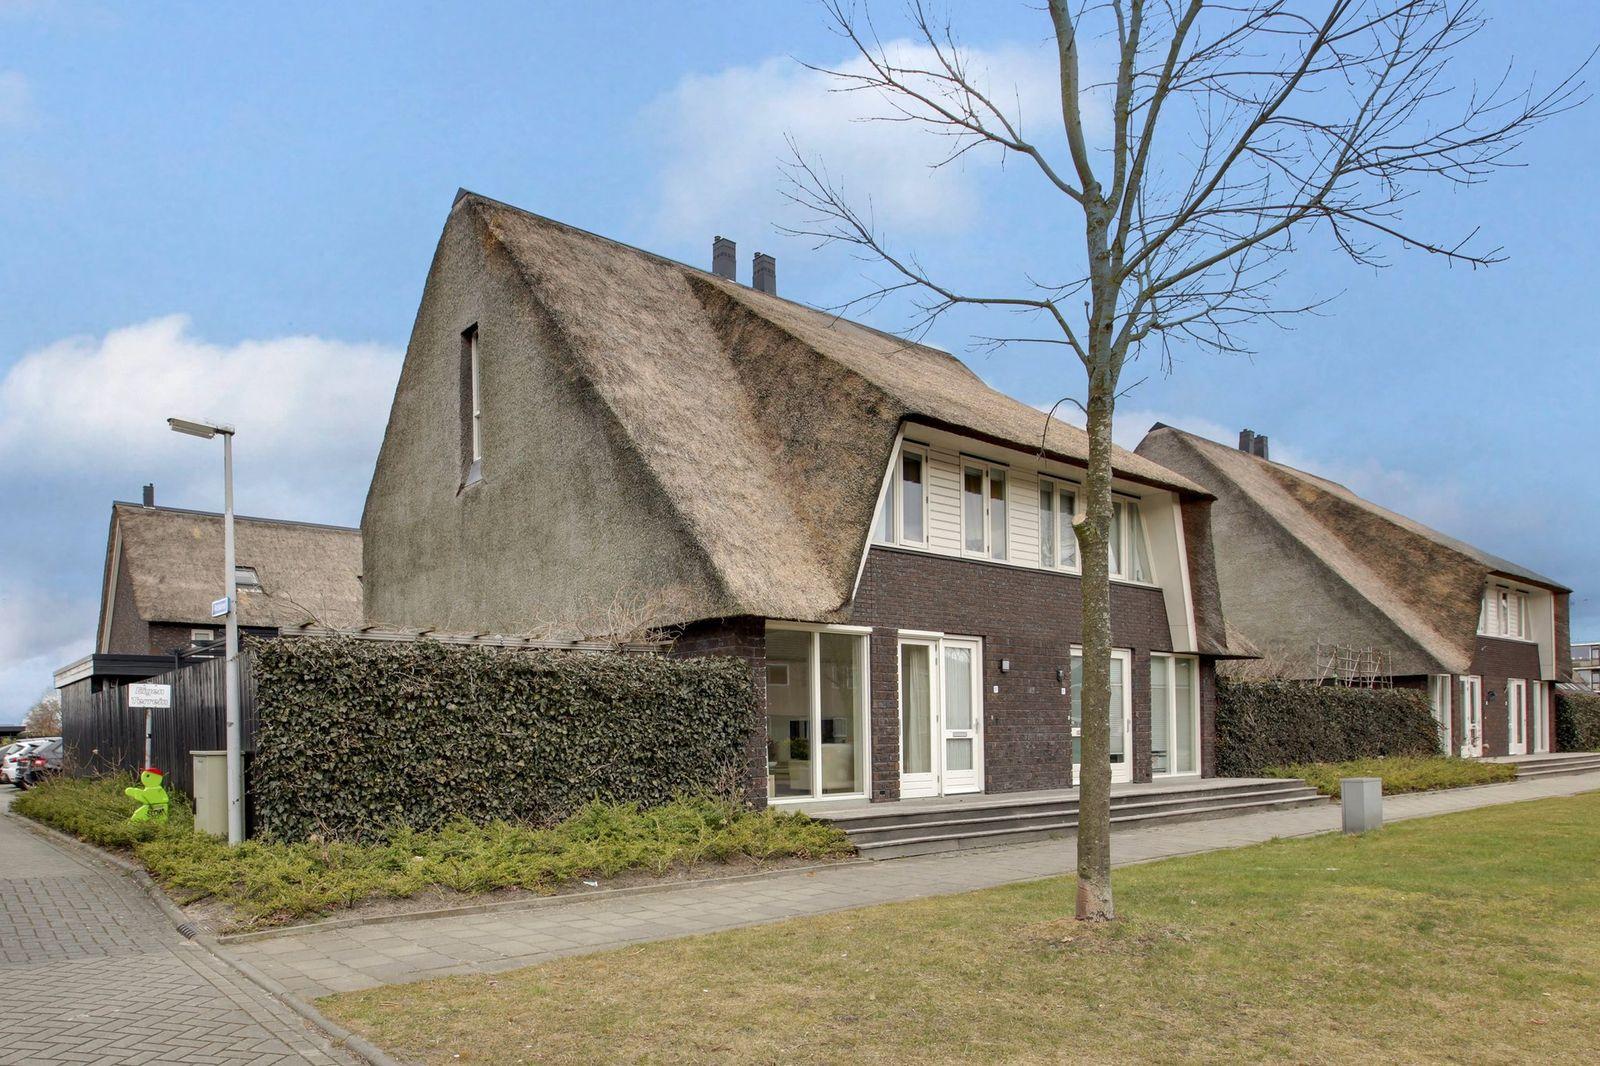 Zenithlaan 5-c, Hoogeveen